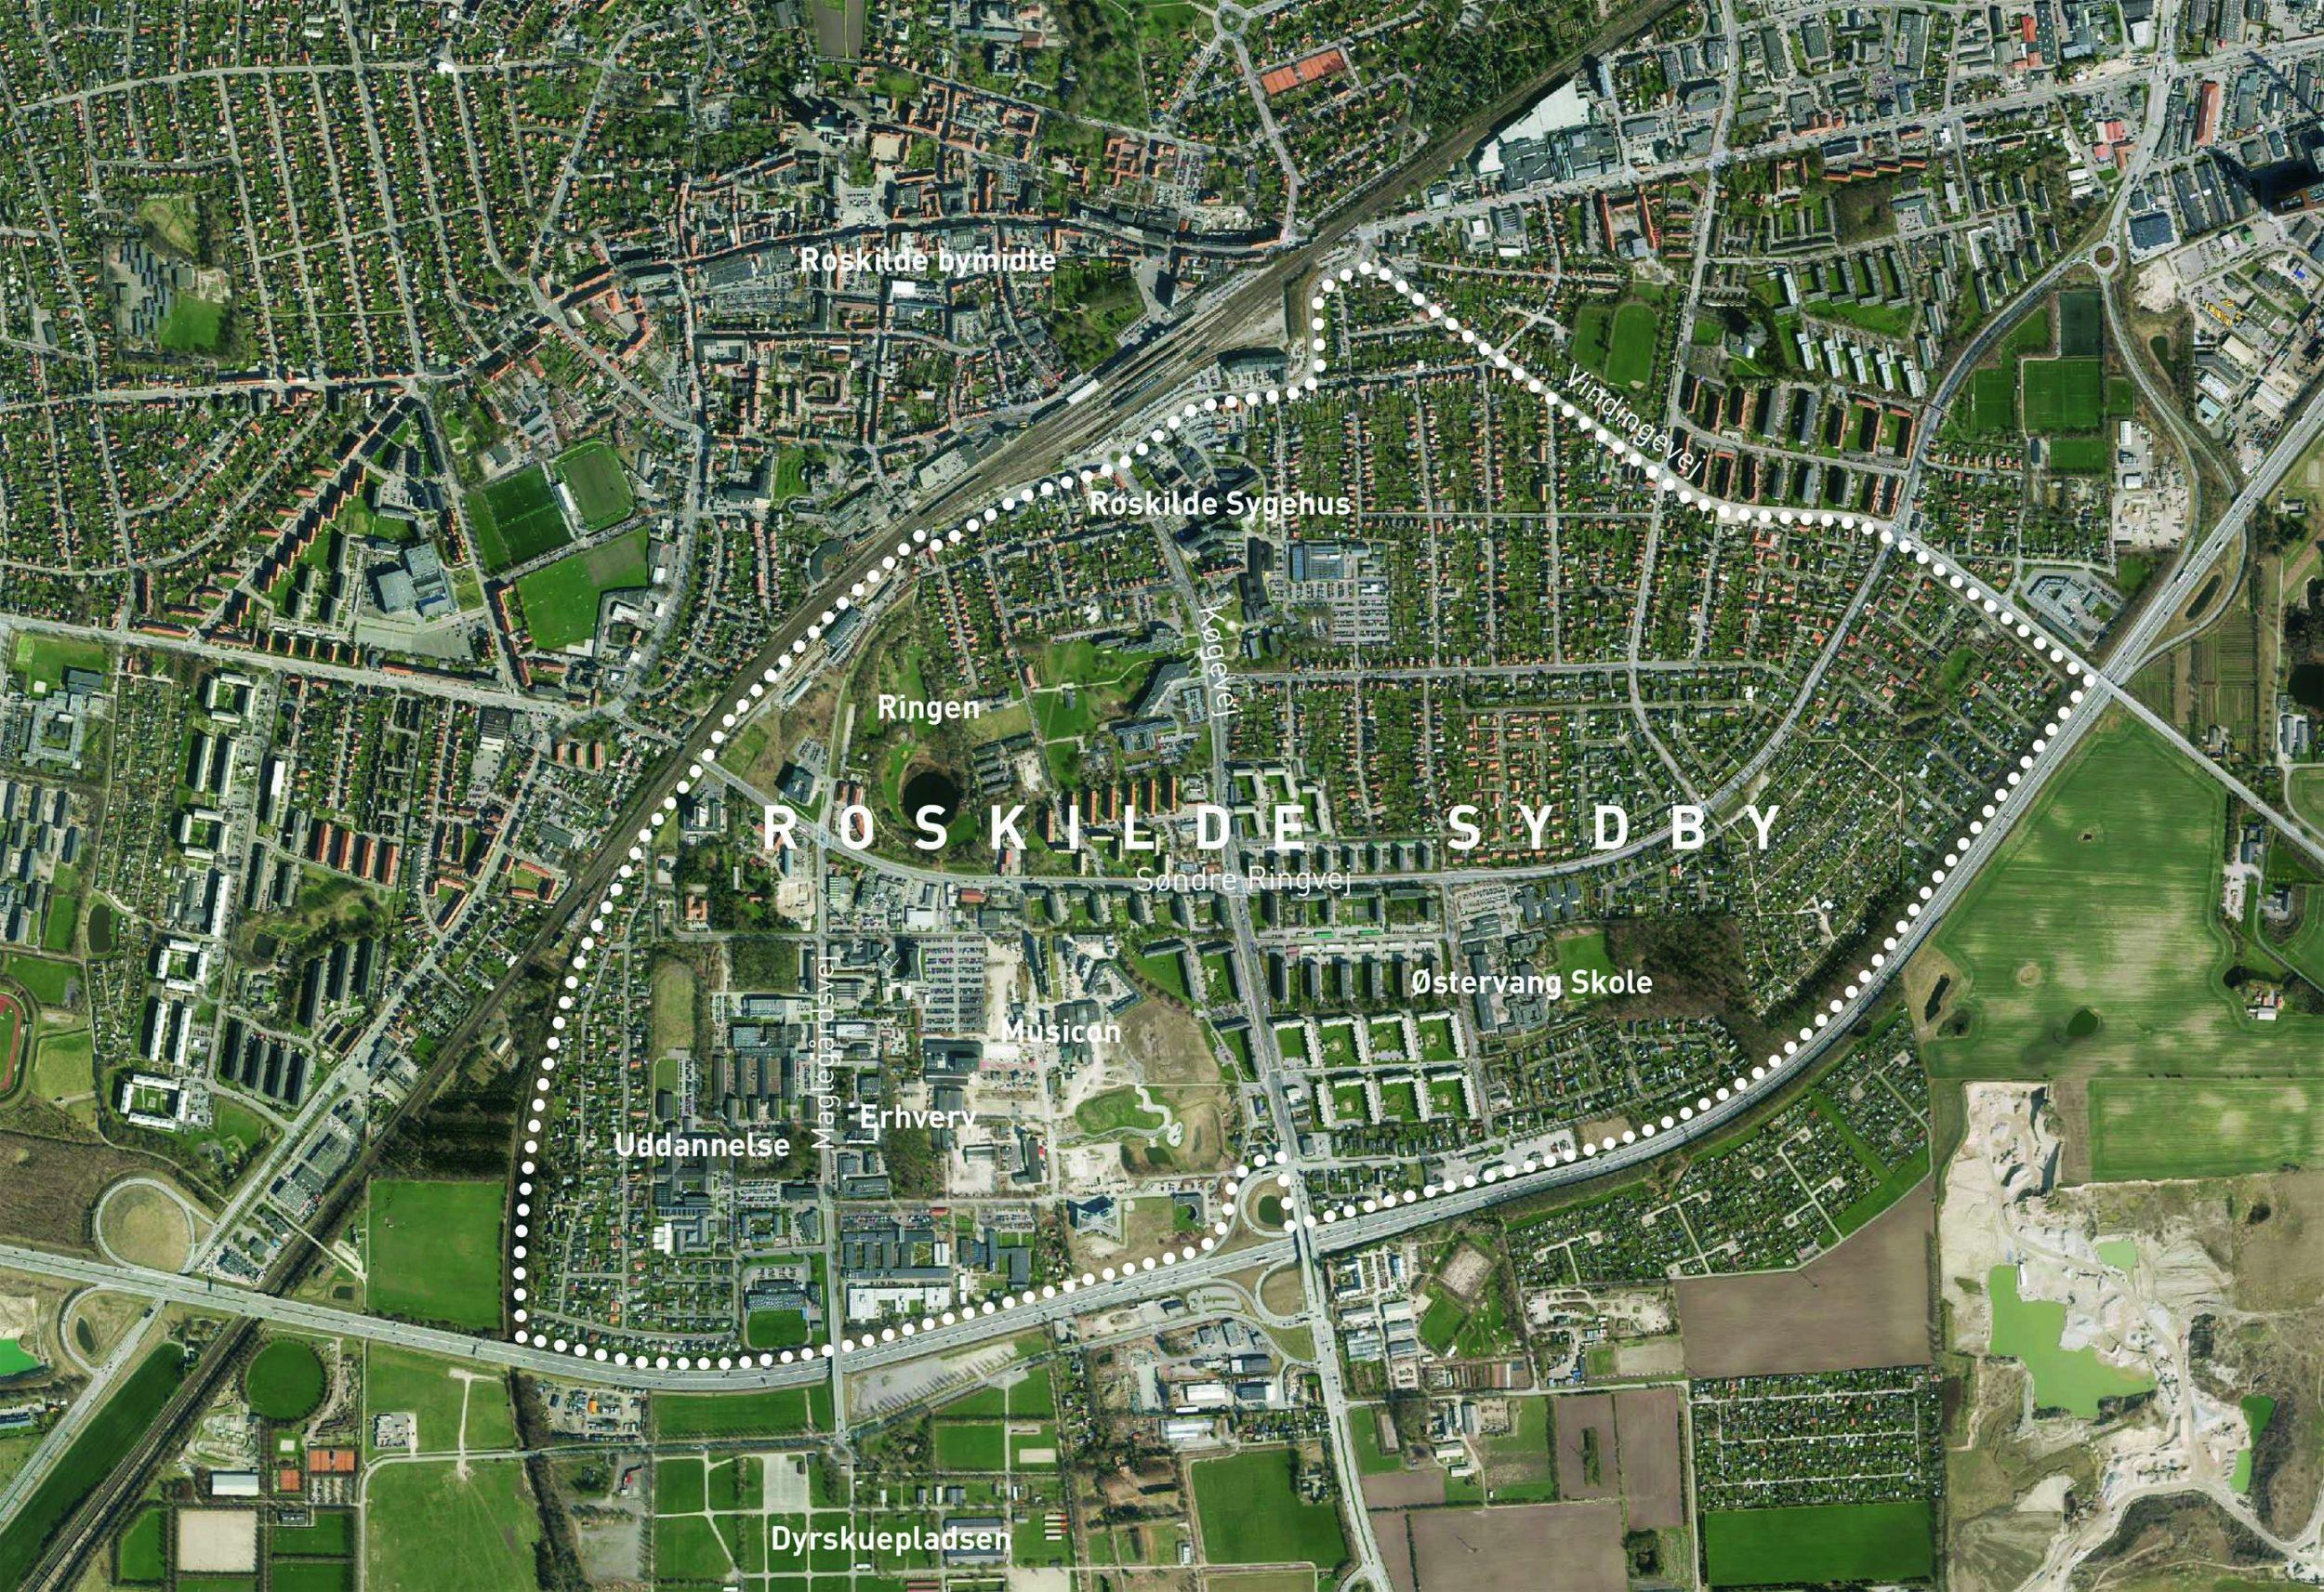 Kort Over Roskilde Sygehus Roskilde Sygehus 2020 02 19